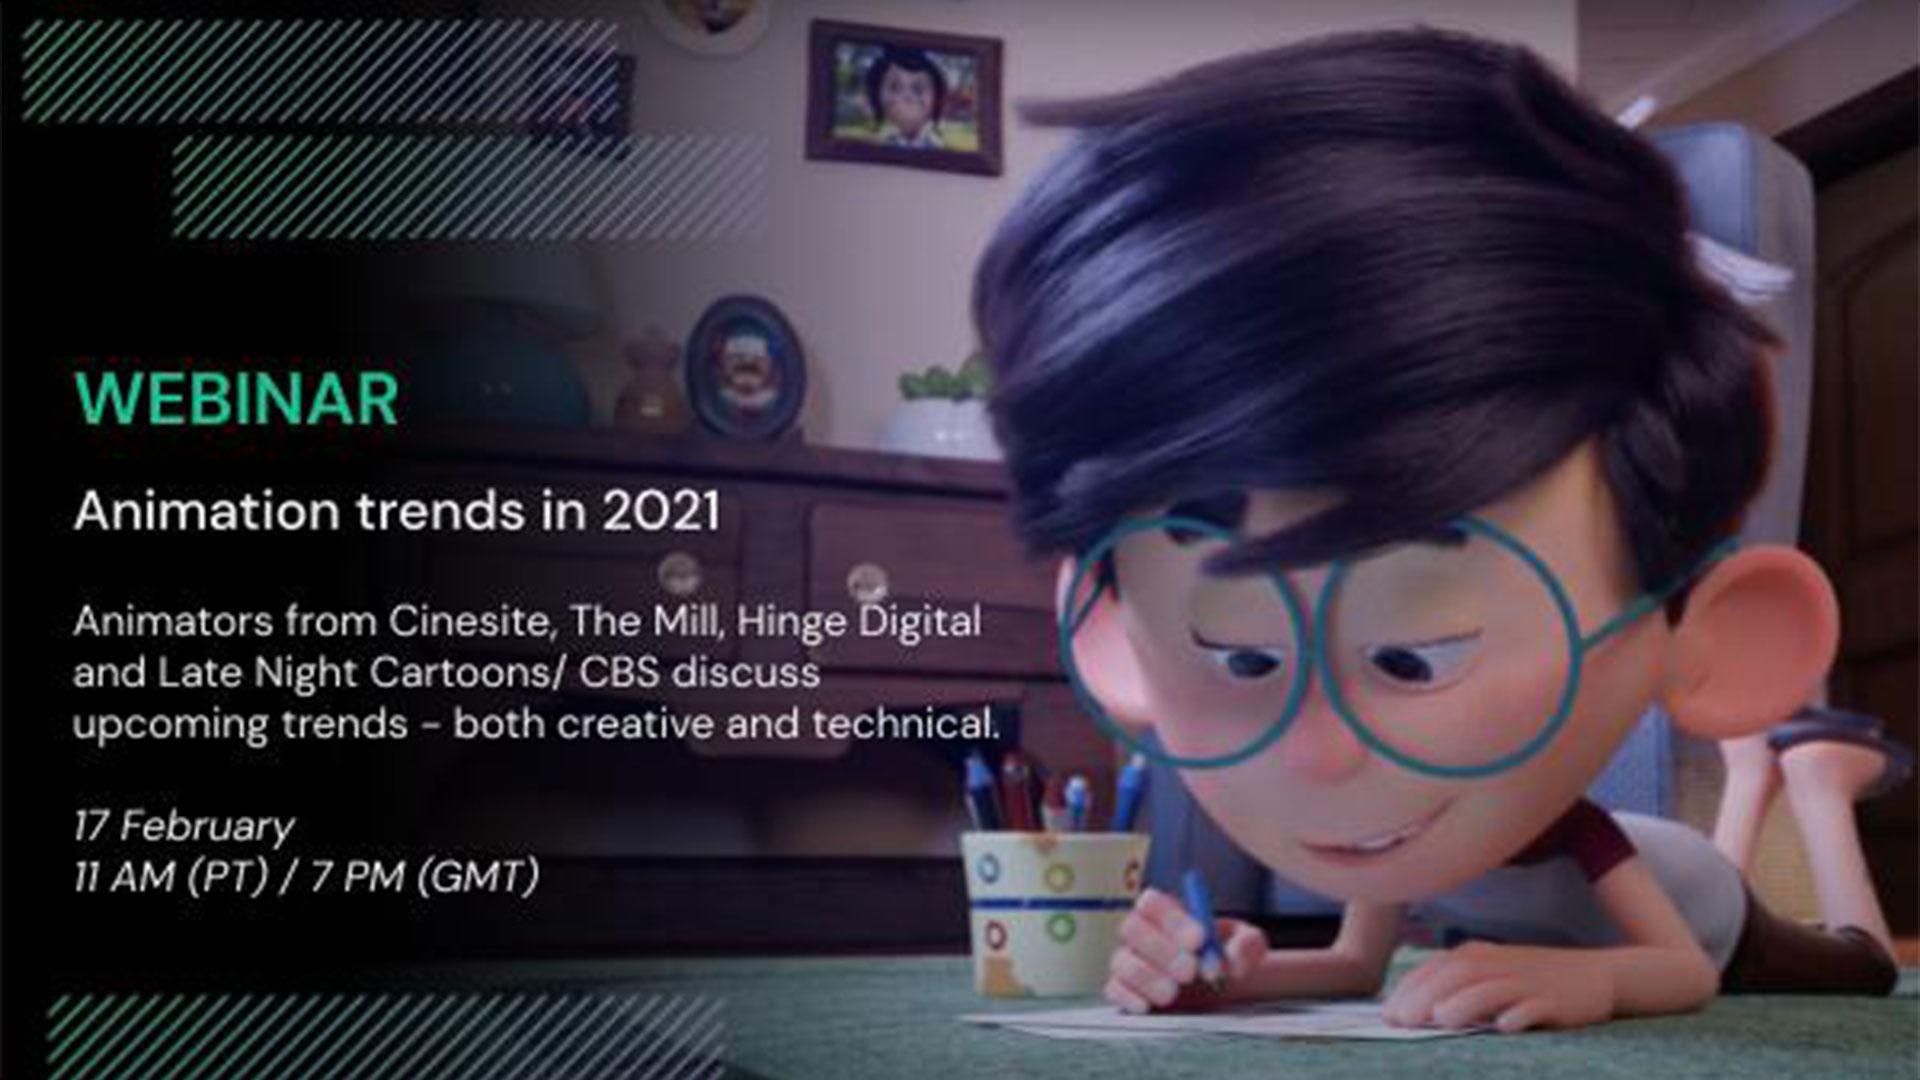 Animation trends in 2021 Webinar